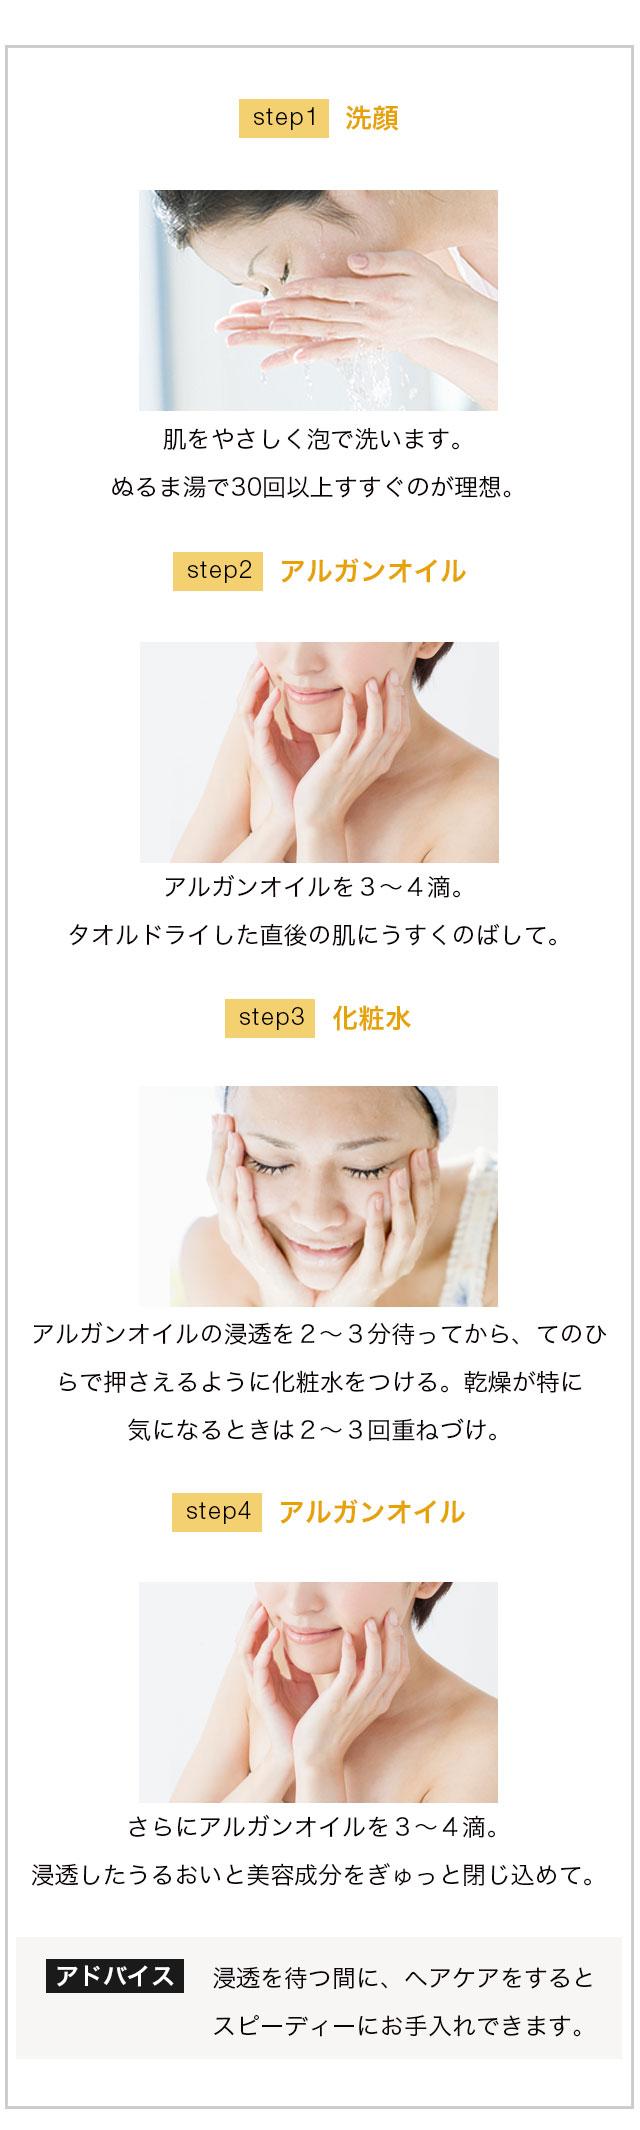 1洗顔、2アルガンオイル、3化粧水、4アルガンオイル